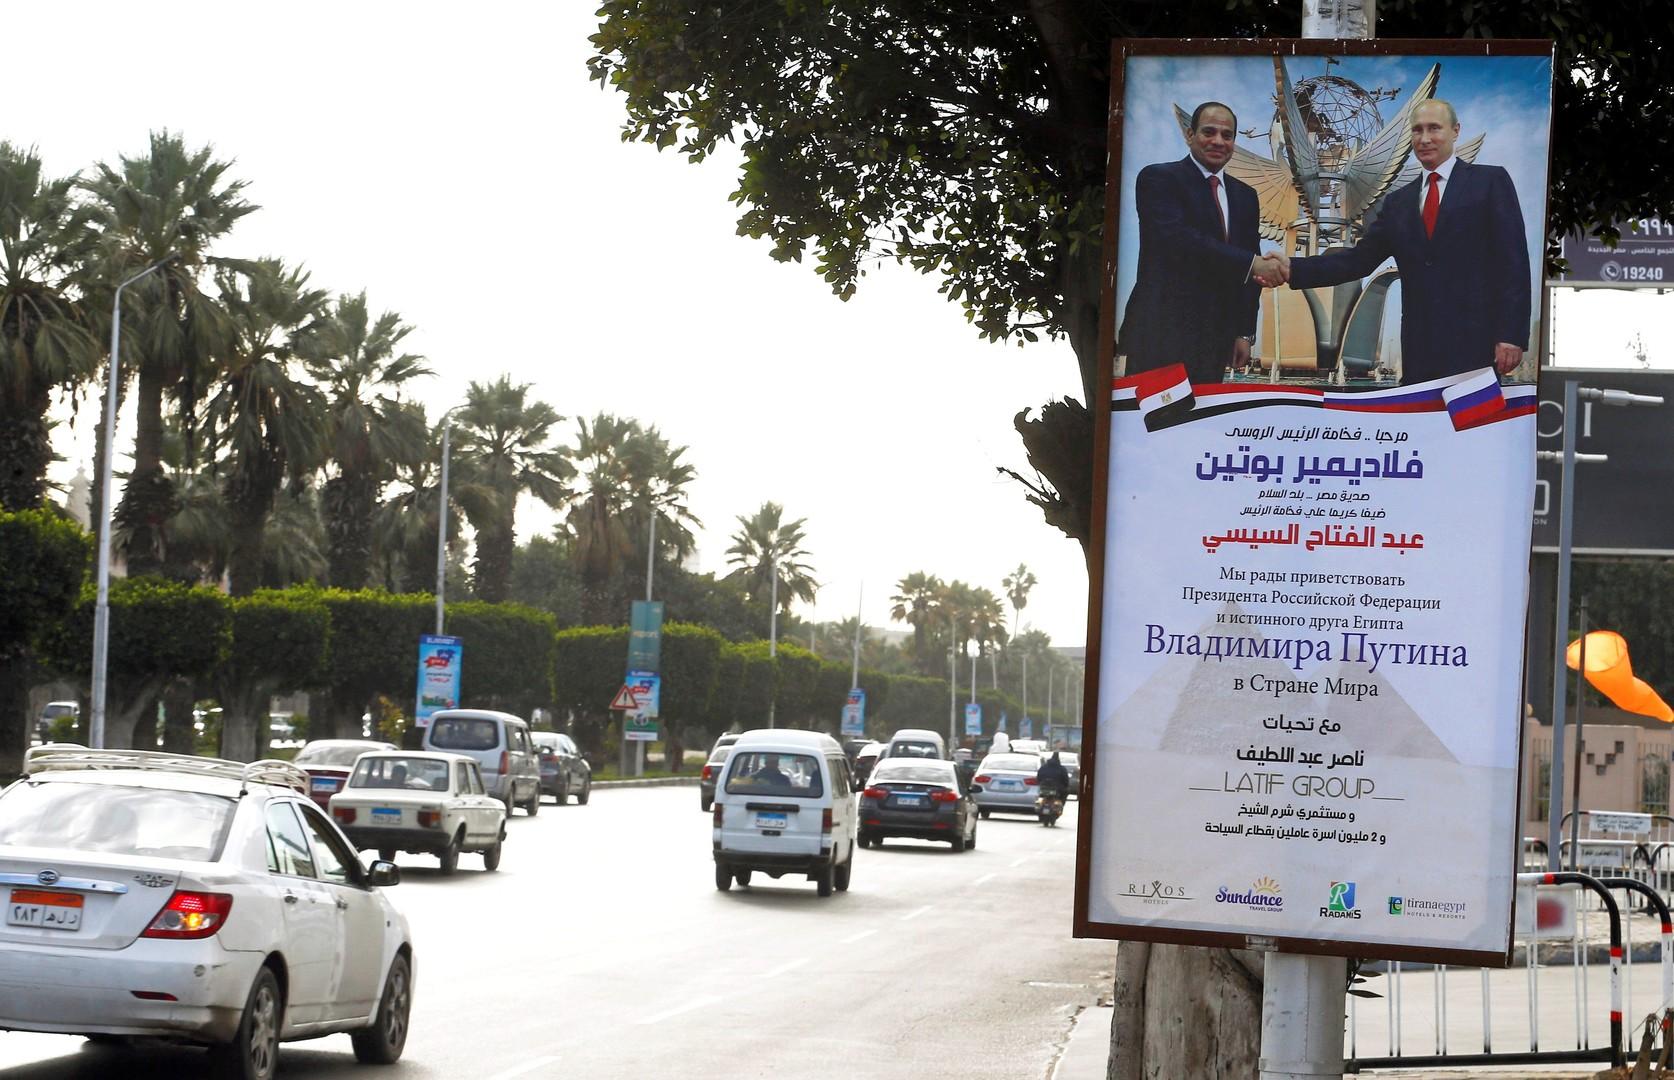 لواء سابق بالمخابرات المصرية يشرح دوافع تضخيم الغرب لحادث الانفجار في القاعدة العسكرية الروسية